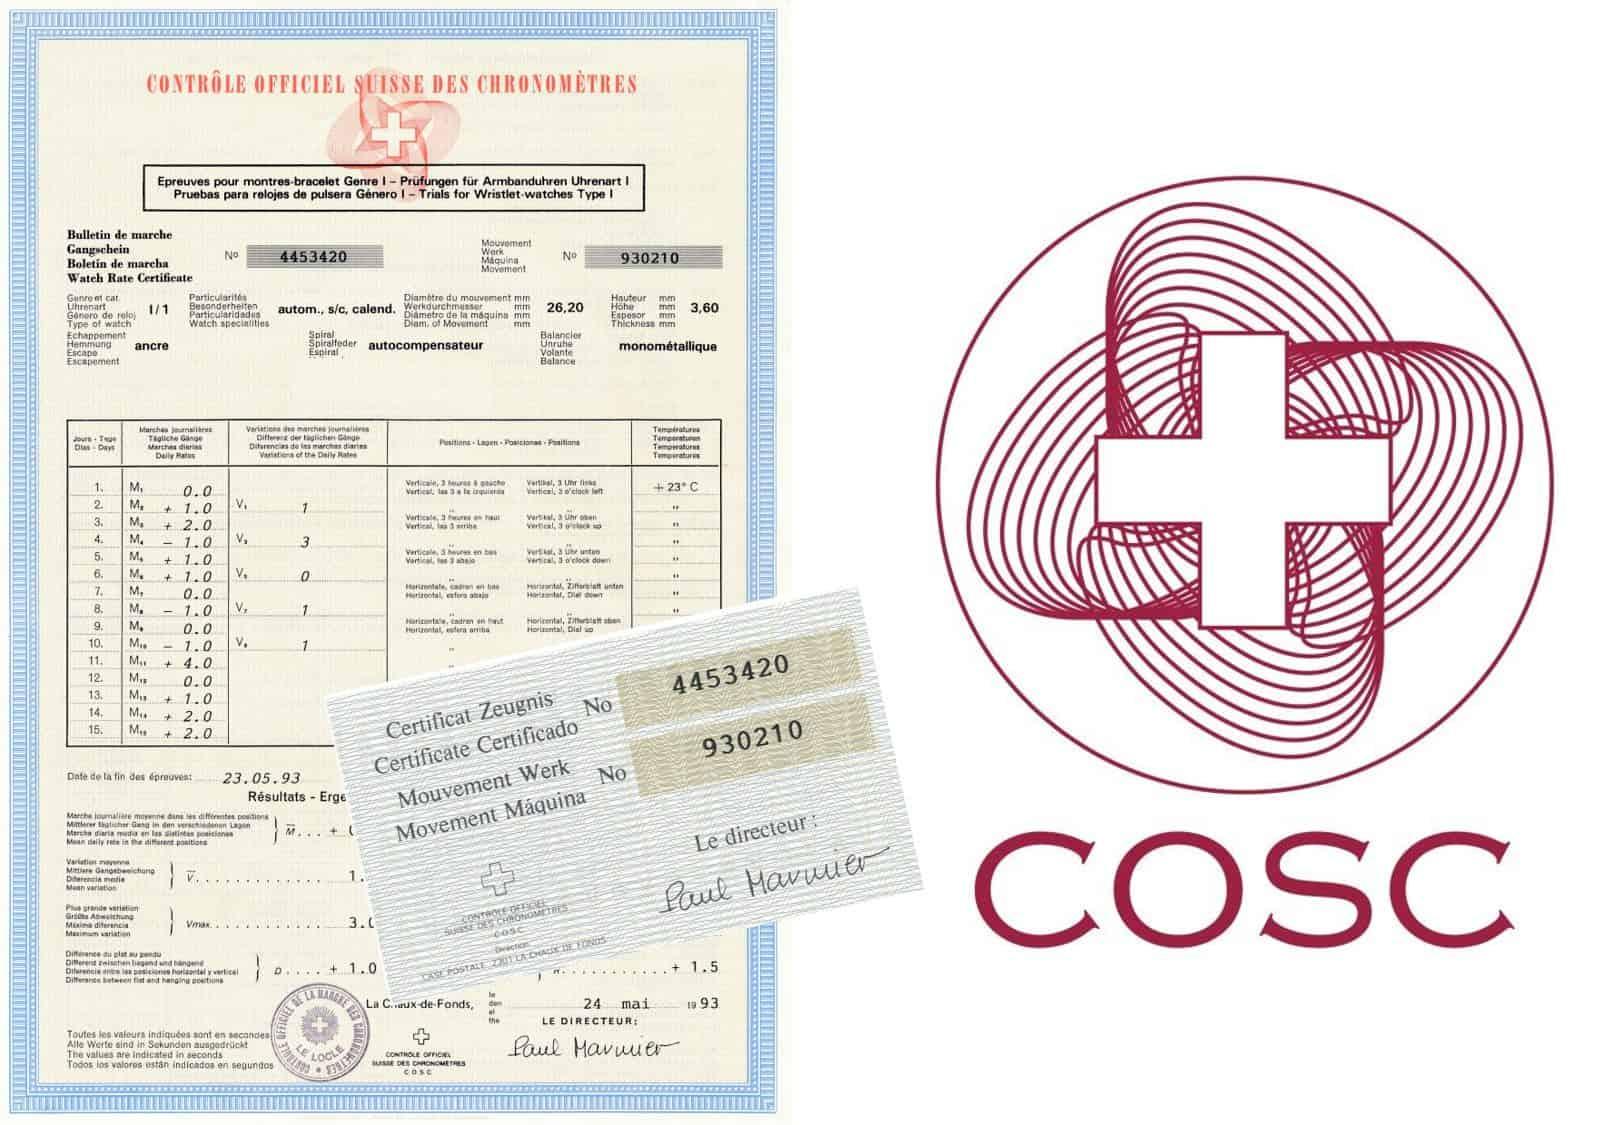 COSC Chronometer ZertifizierungCOSC und die Vorgaben für einen amtlich zertifizierten Chronometer